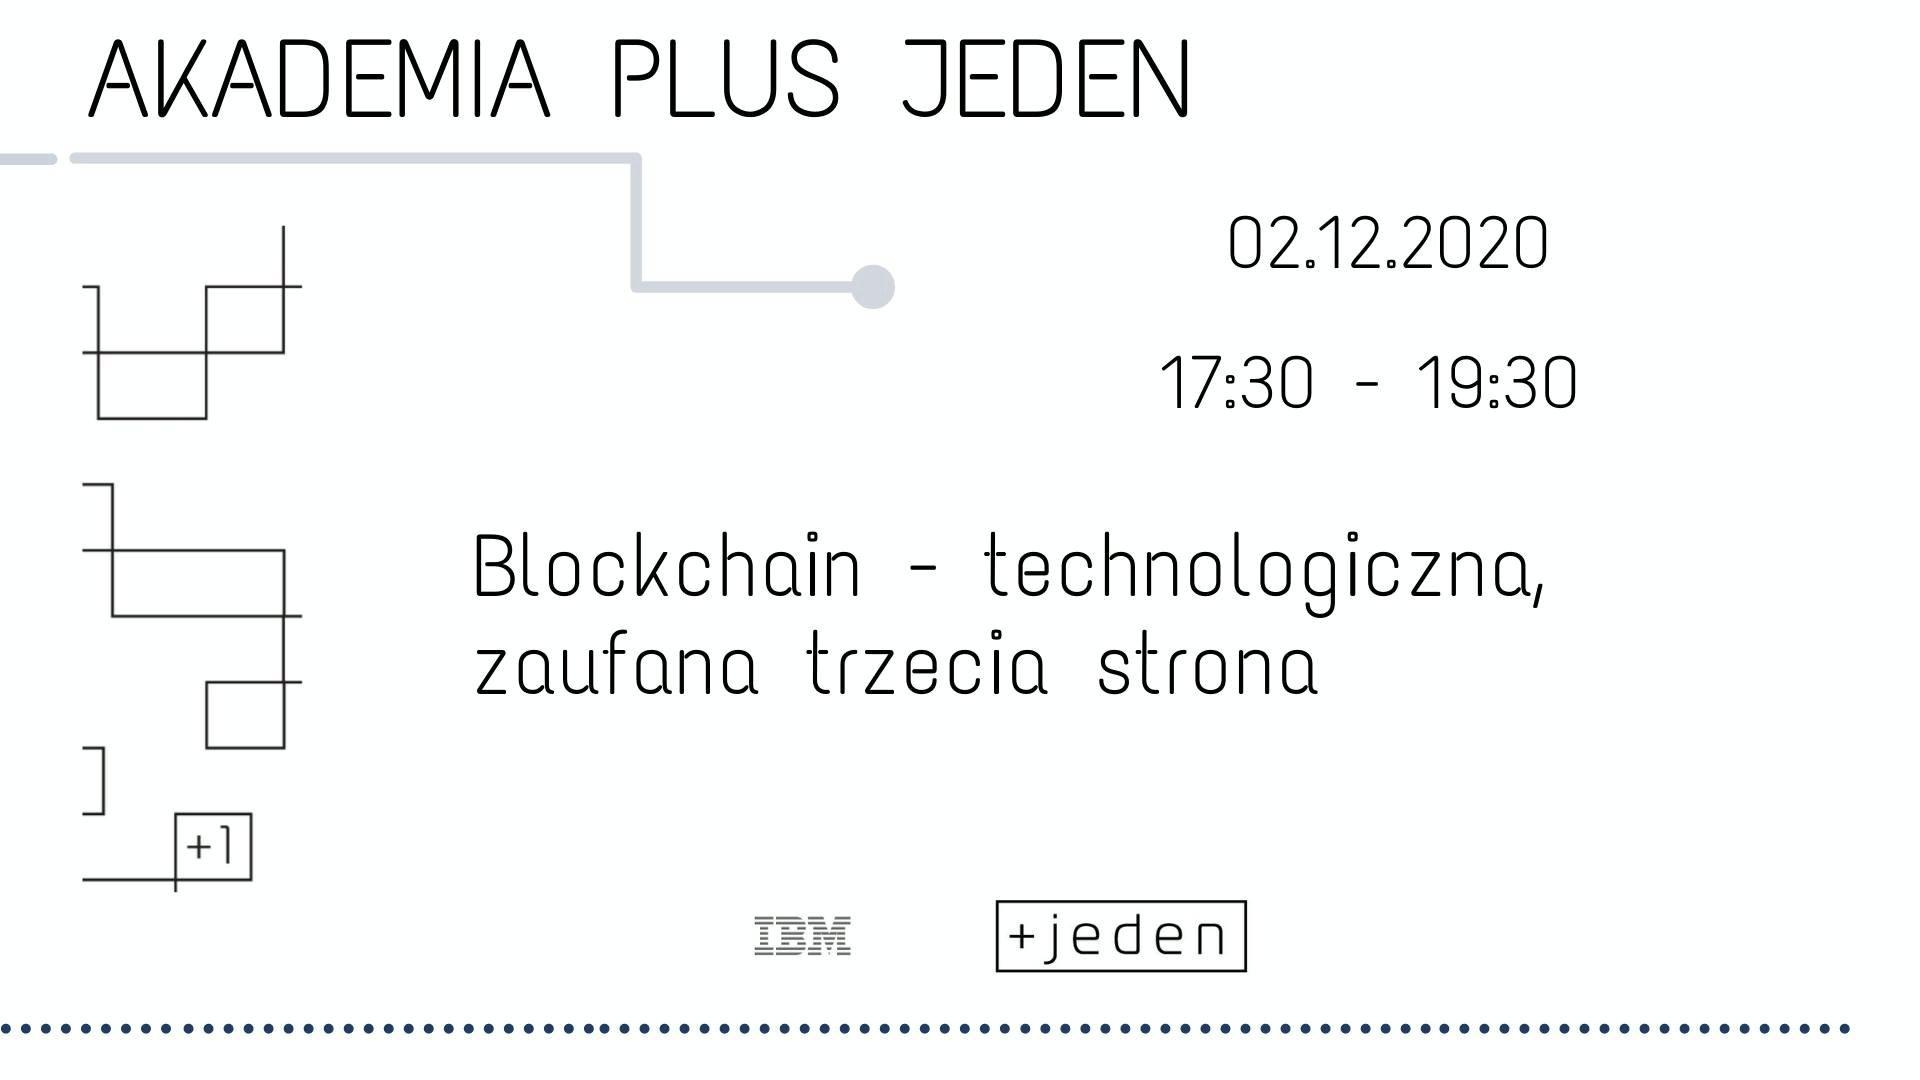 Plakat. Czarne napisy na białym tle: Akademia Plus Jeden. Blockchain - technologiczna, zaufana trzecia strona. - grafika artykułu